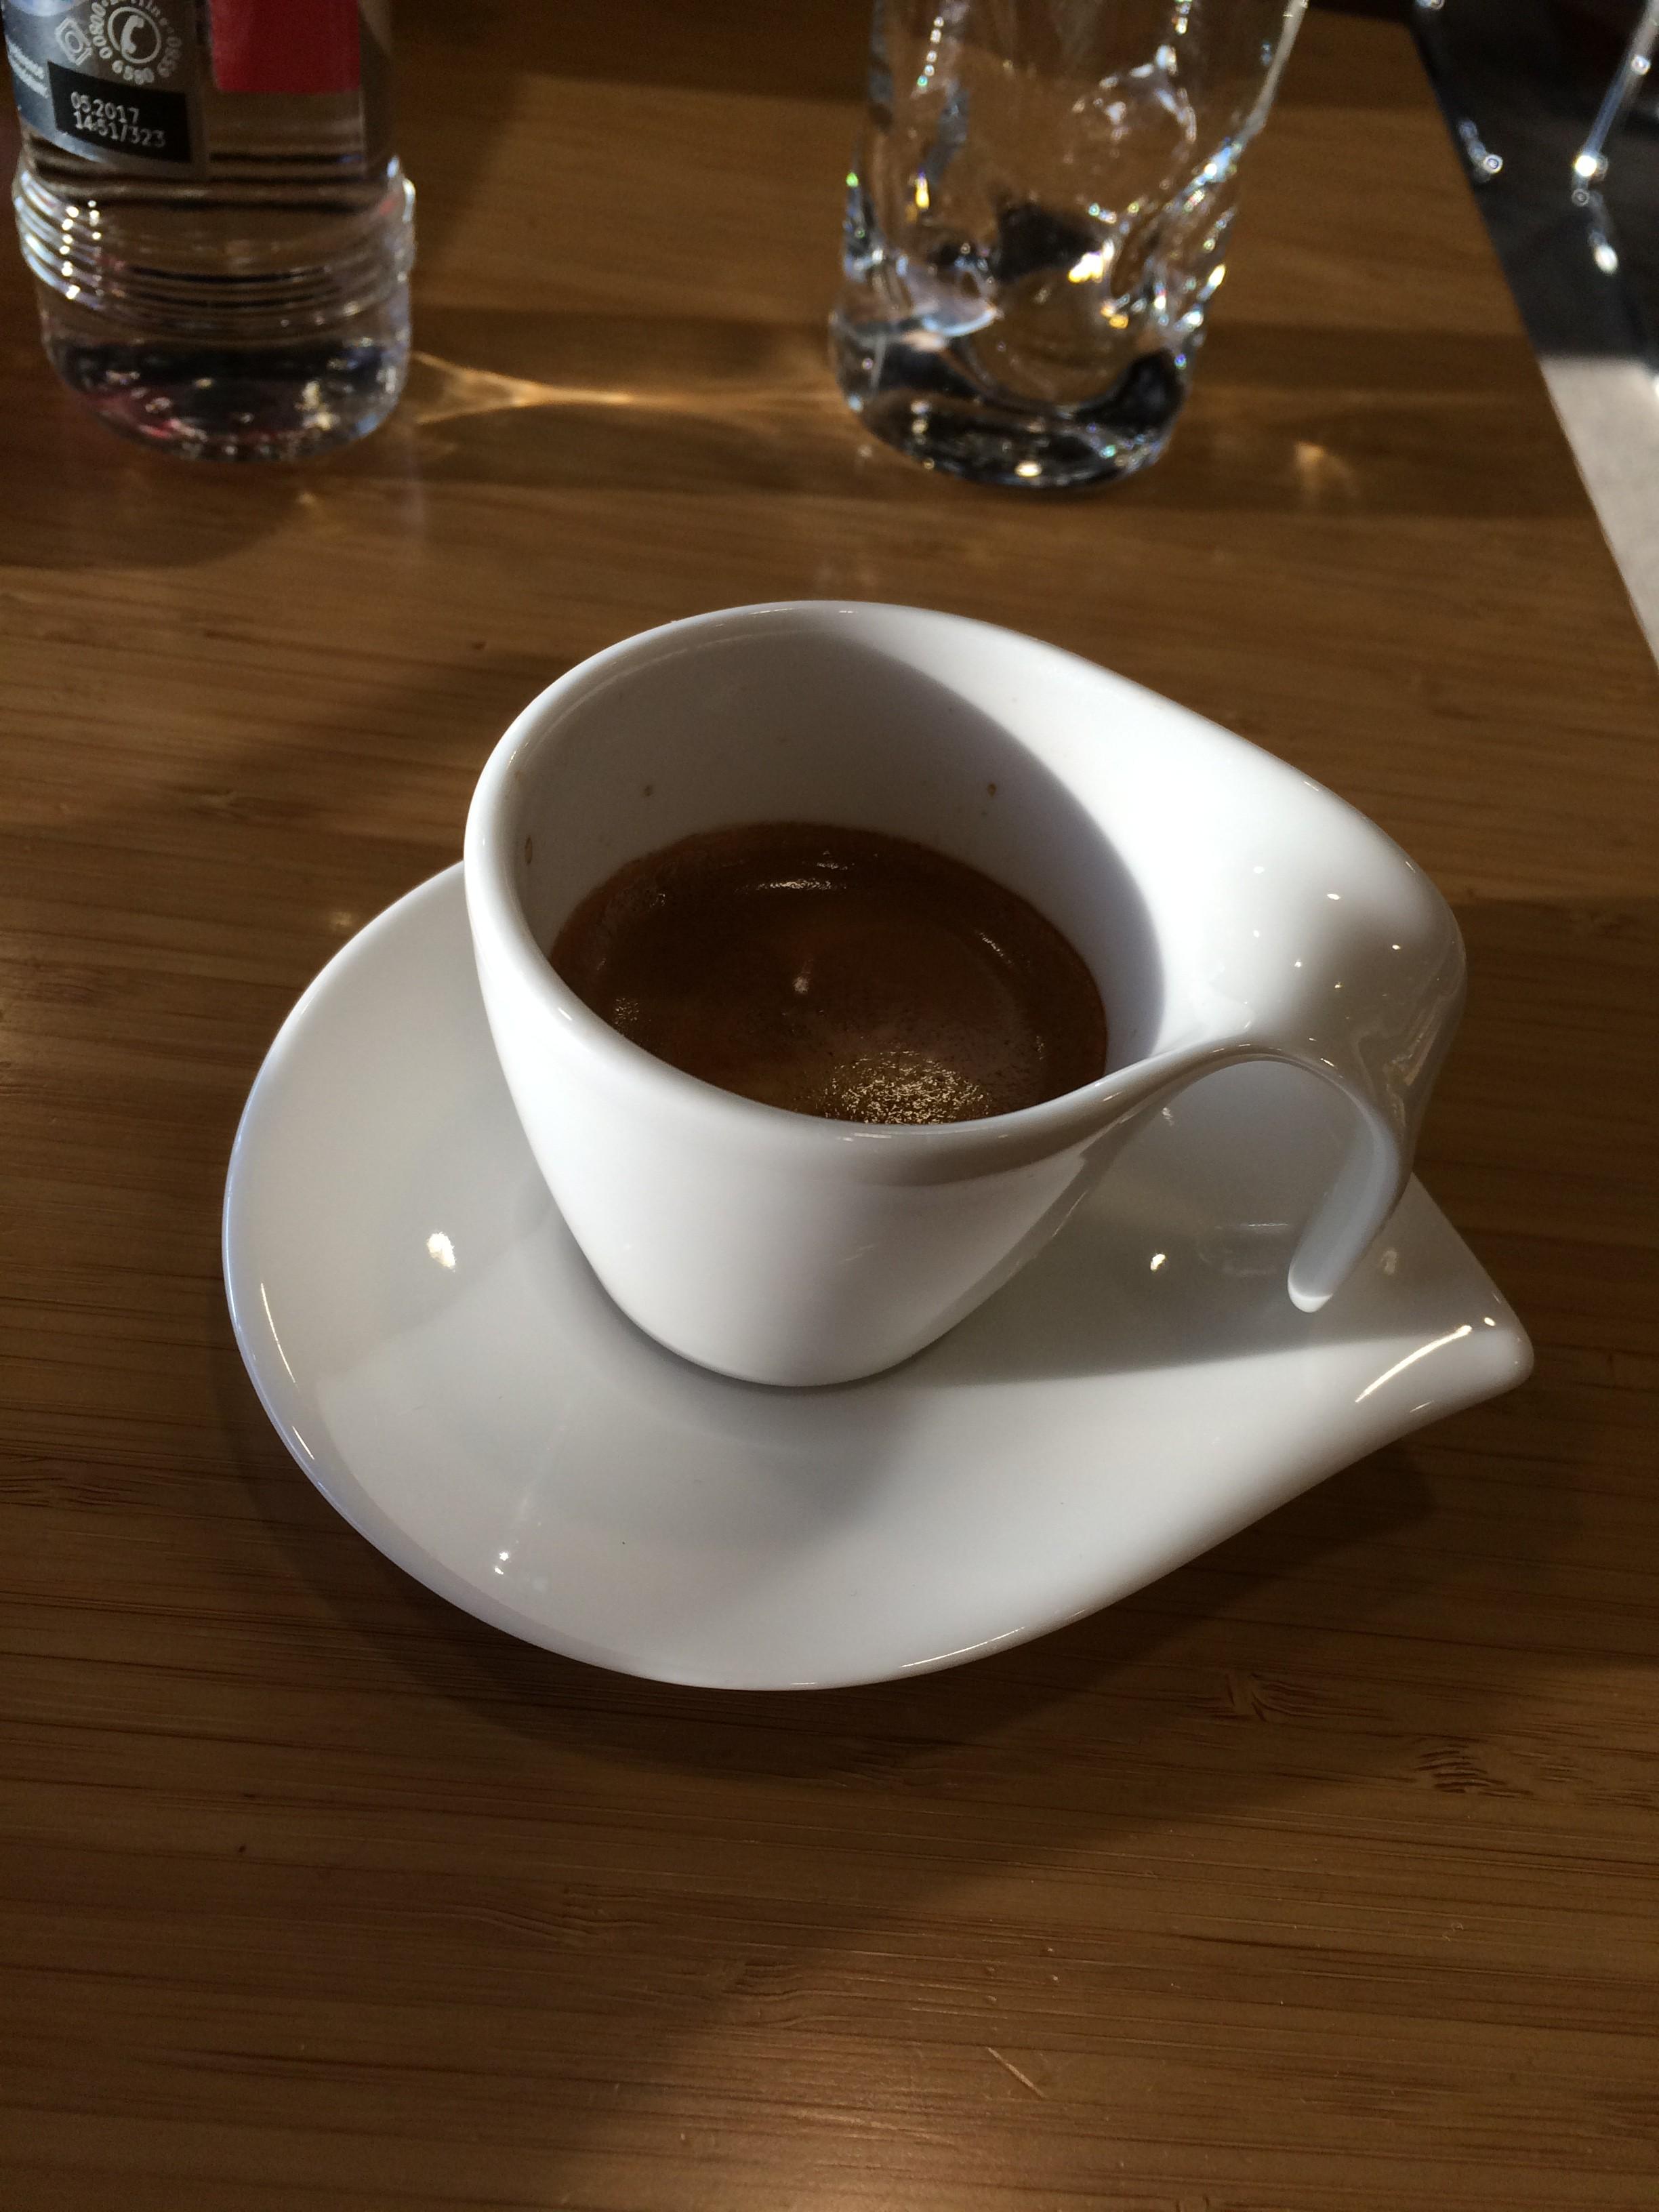 Gutes Betriebsklima = Kaffee & Kommunikation ?